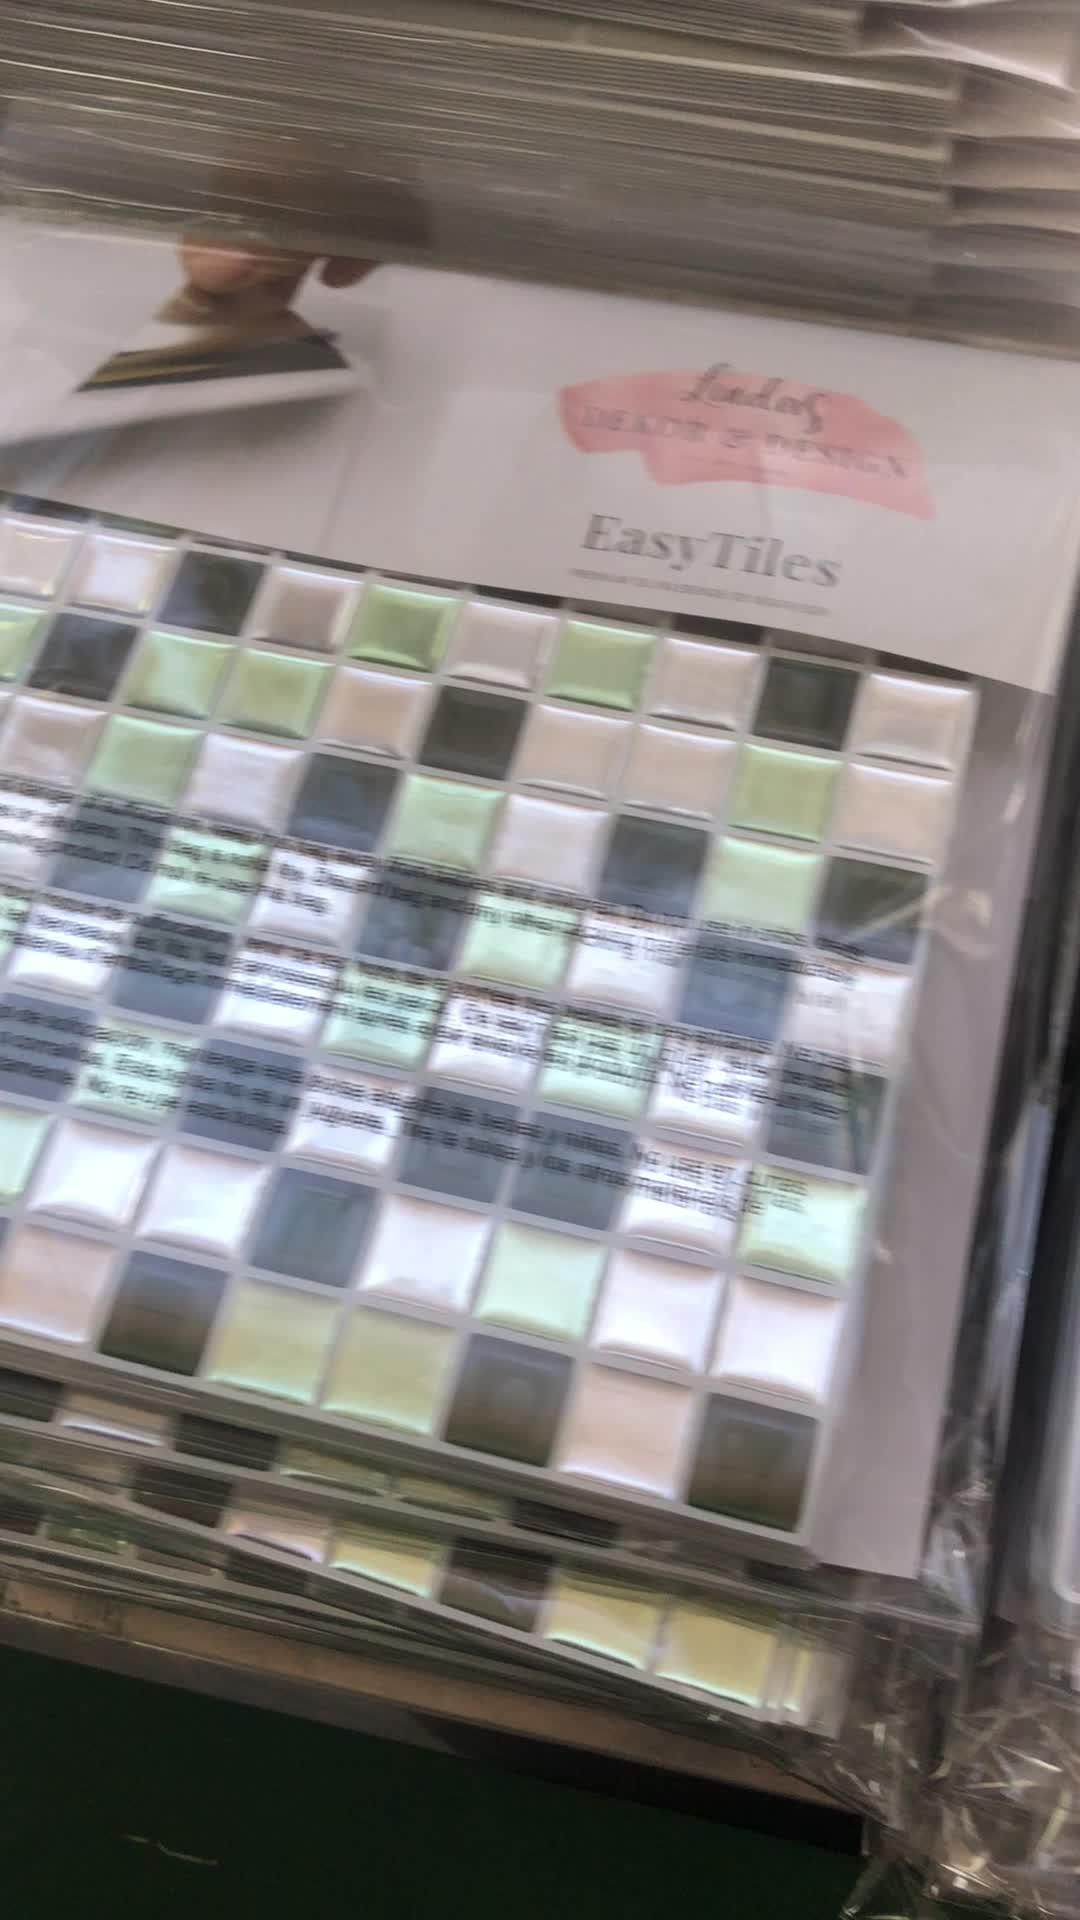 Interieur zelfklevende waterdichte mozaïek vinyl behang voor keuken backsplash